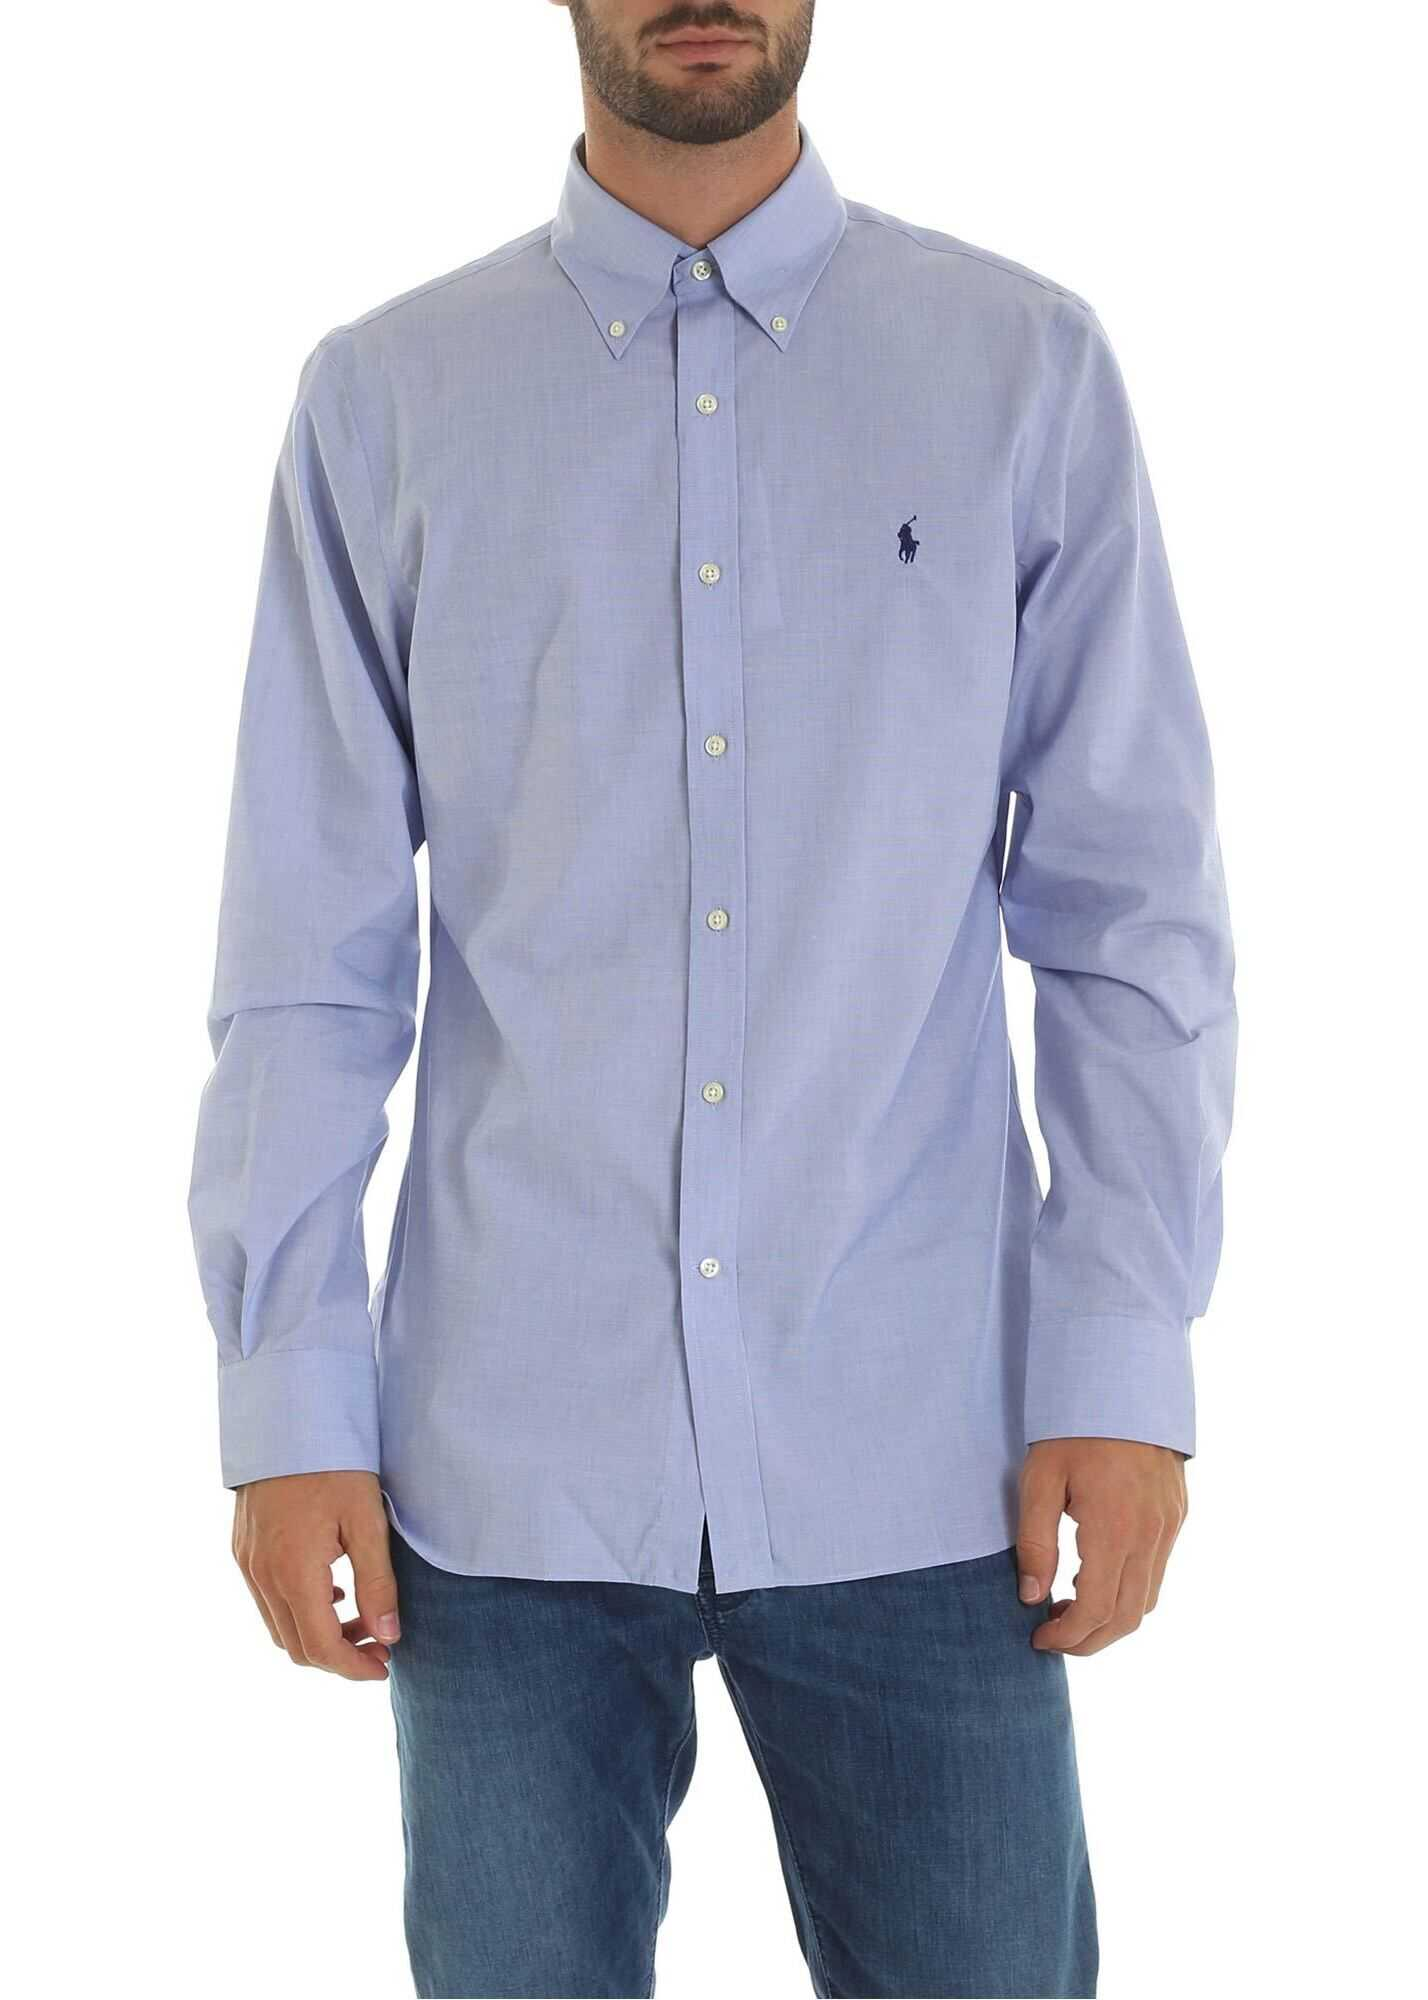 Ralph Lauren Light Blue Shirt With Logo Embroidery Light Blue imagine